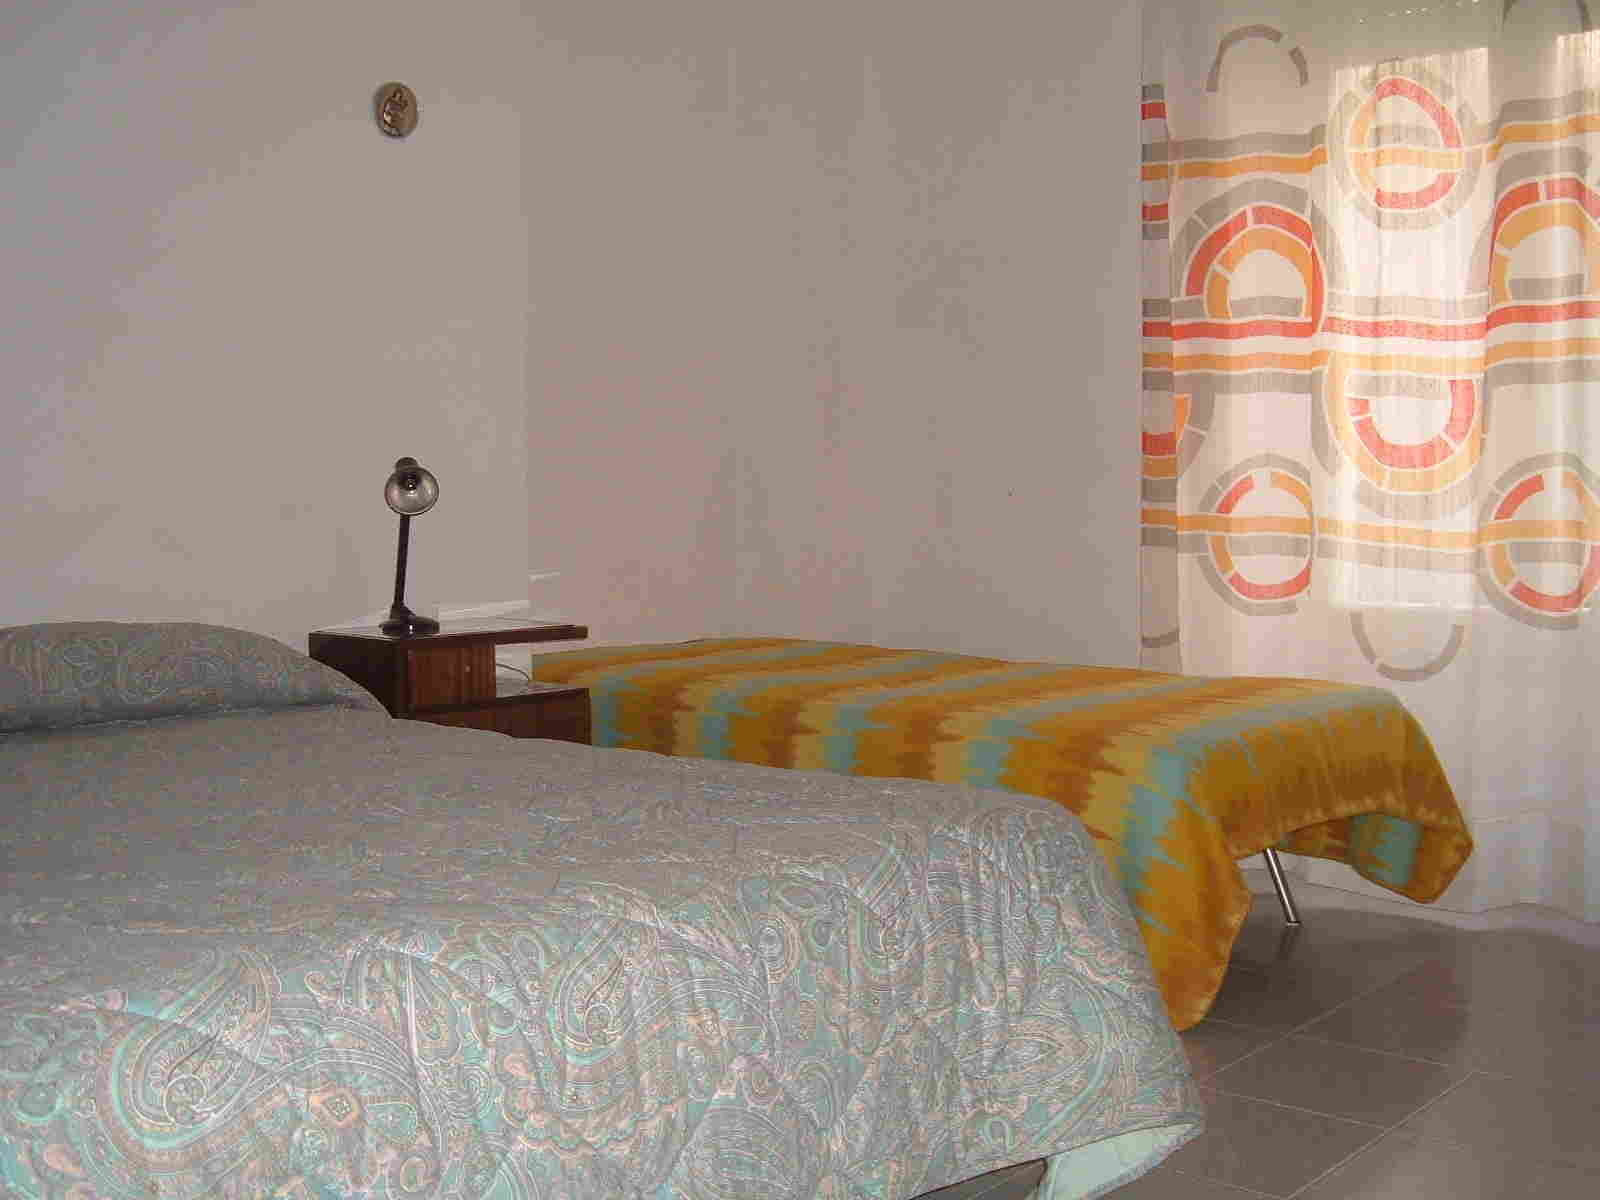 affitto casa vacanze mare dorgali 1850 (1850_2005124153713.JPG)